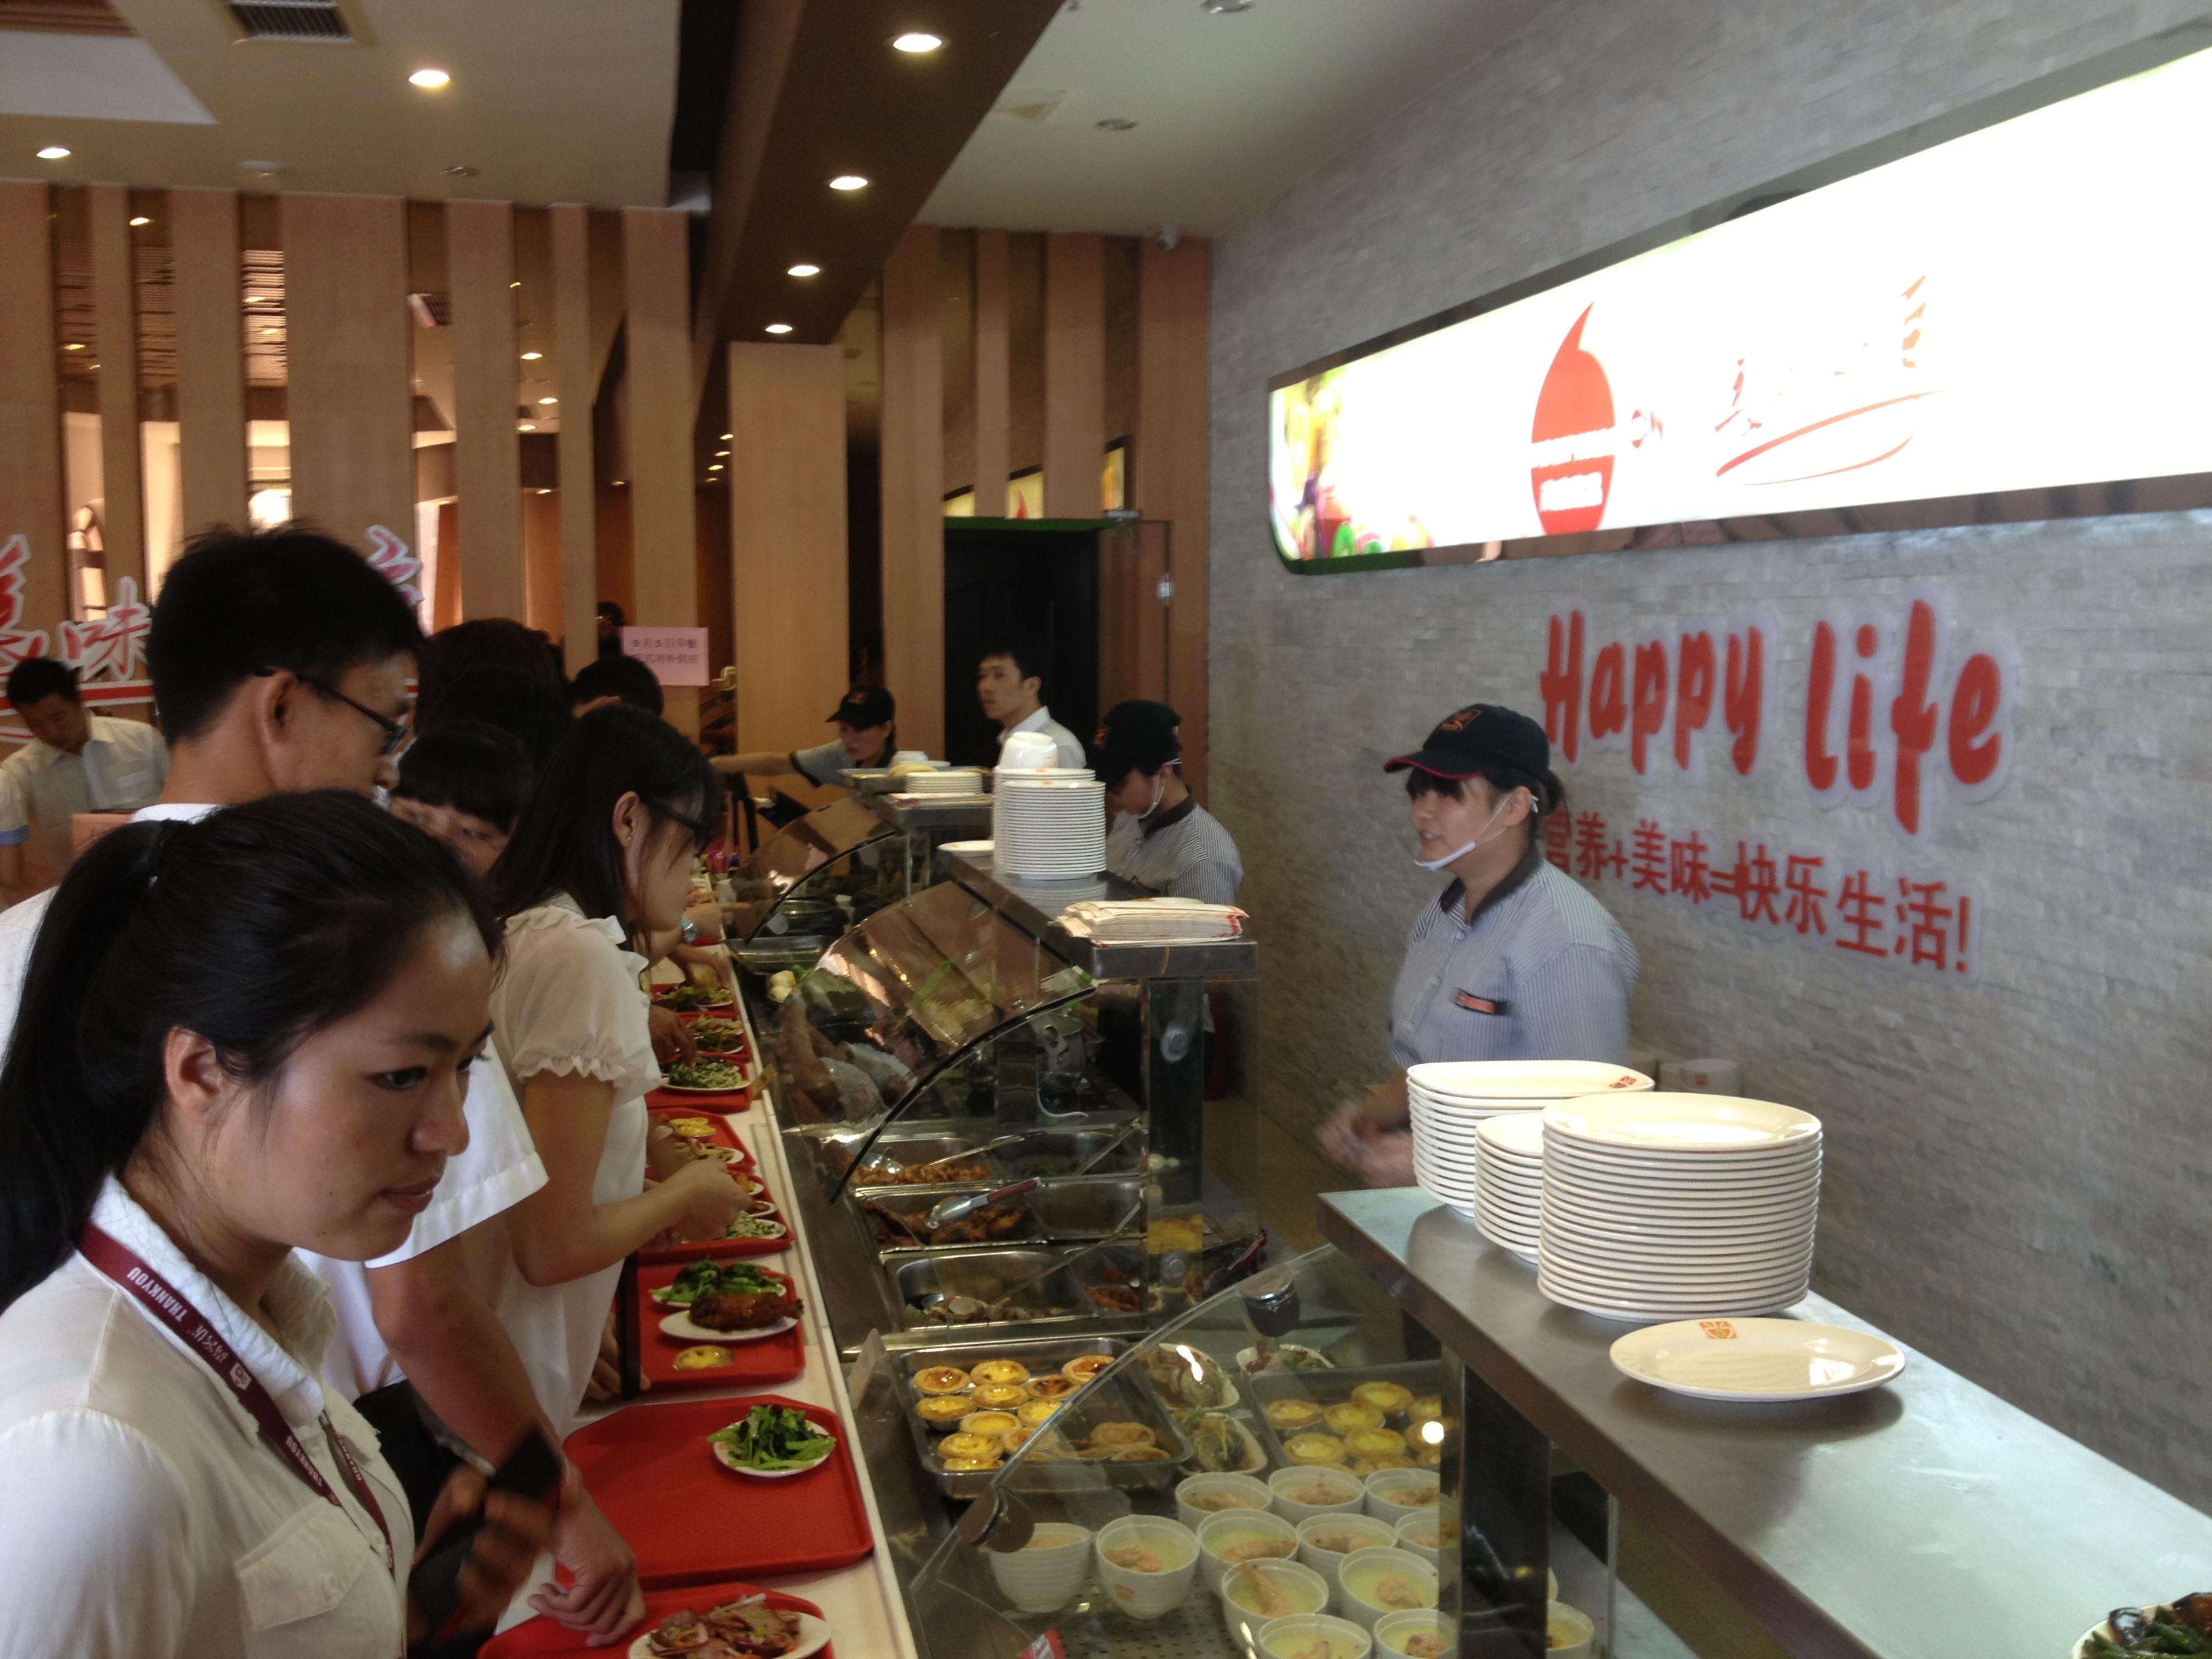 尚客优品中式快餐青岛经济开发区店